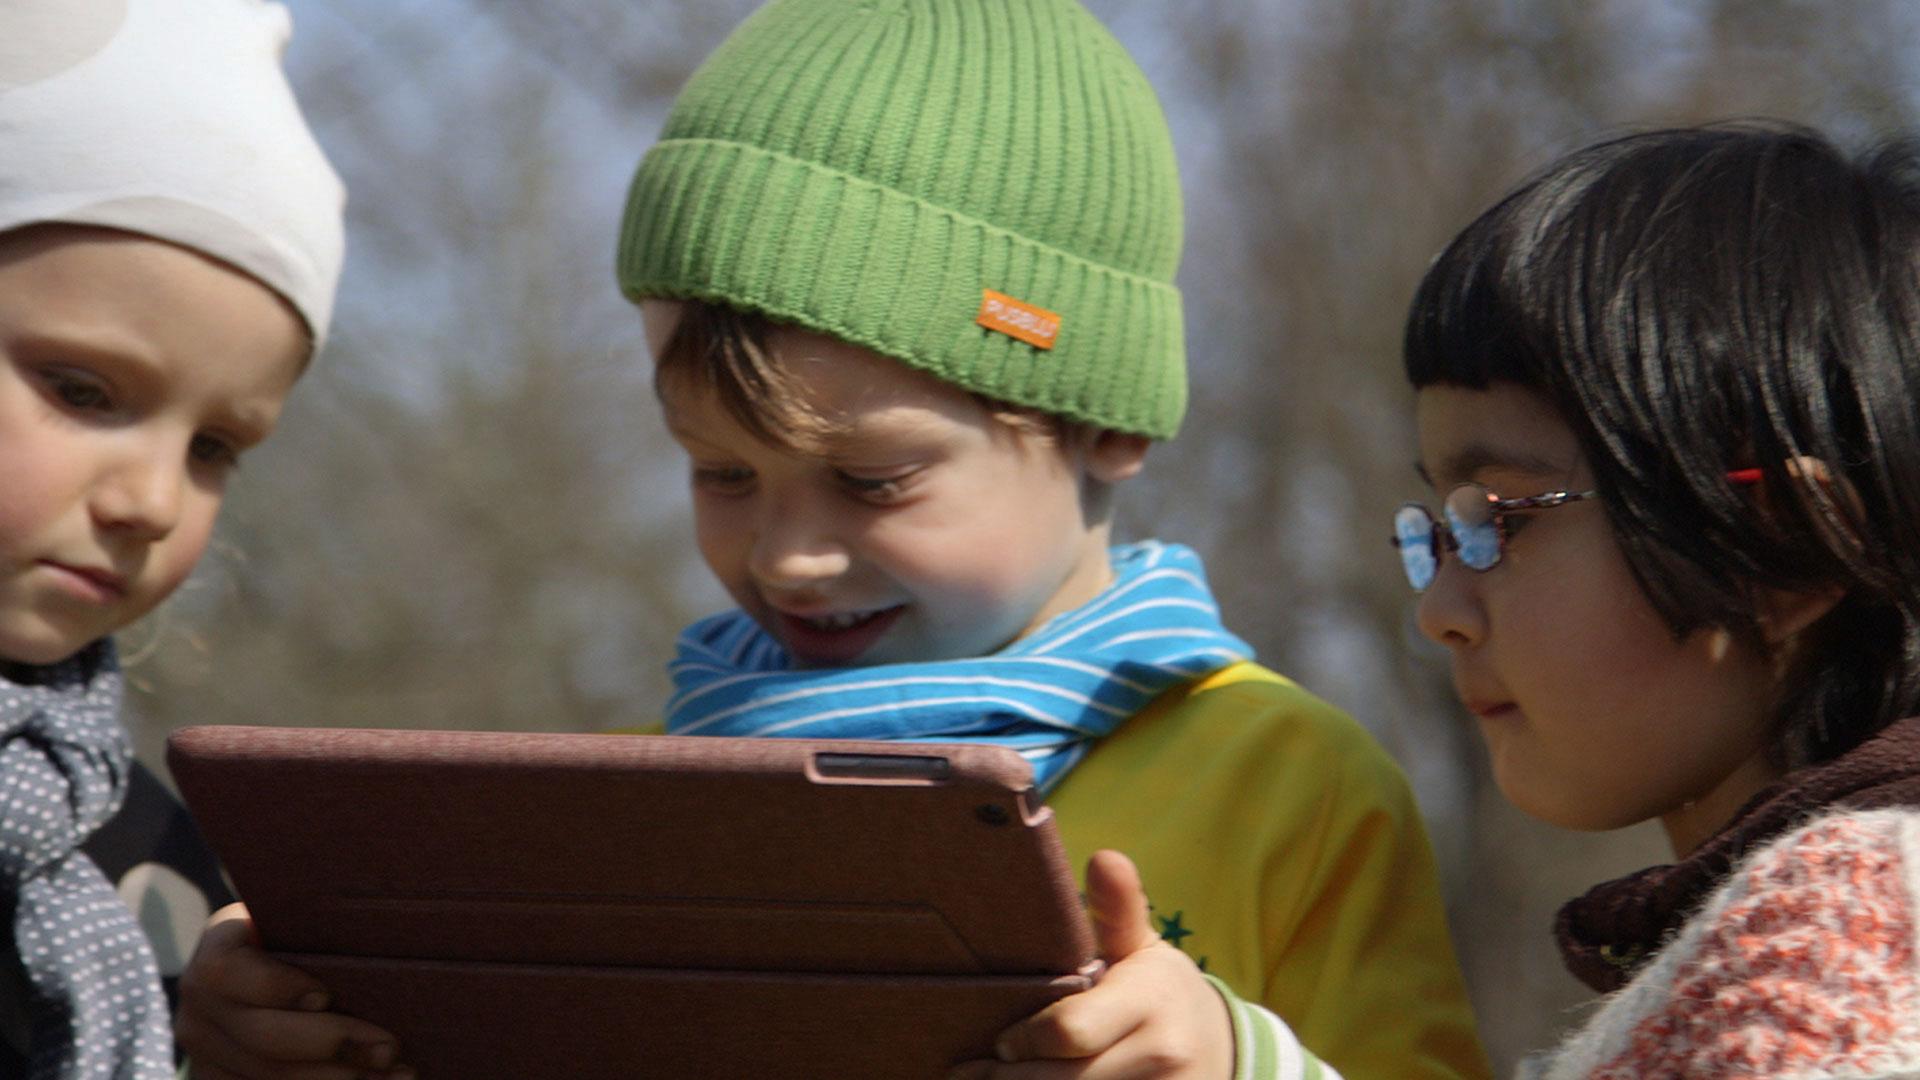 hansmann-kinder-junge-tablet